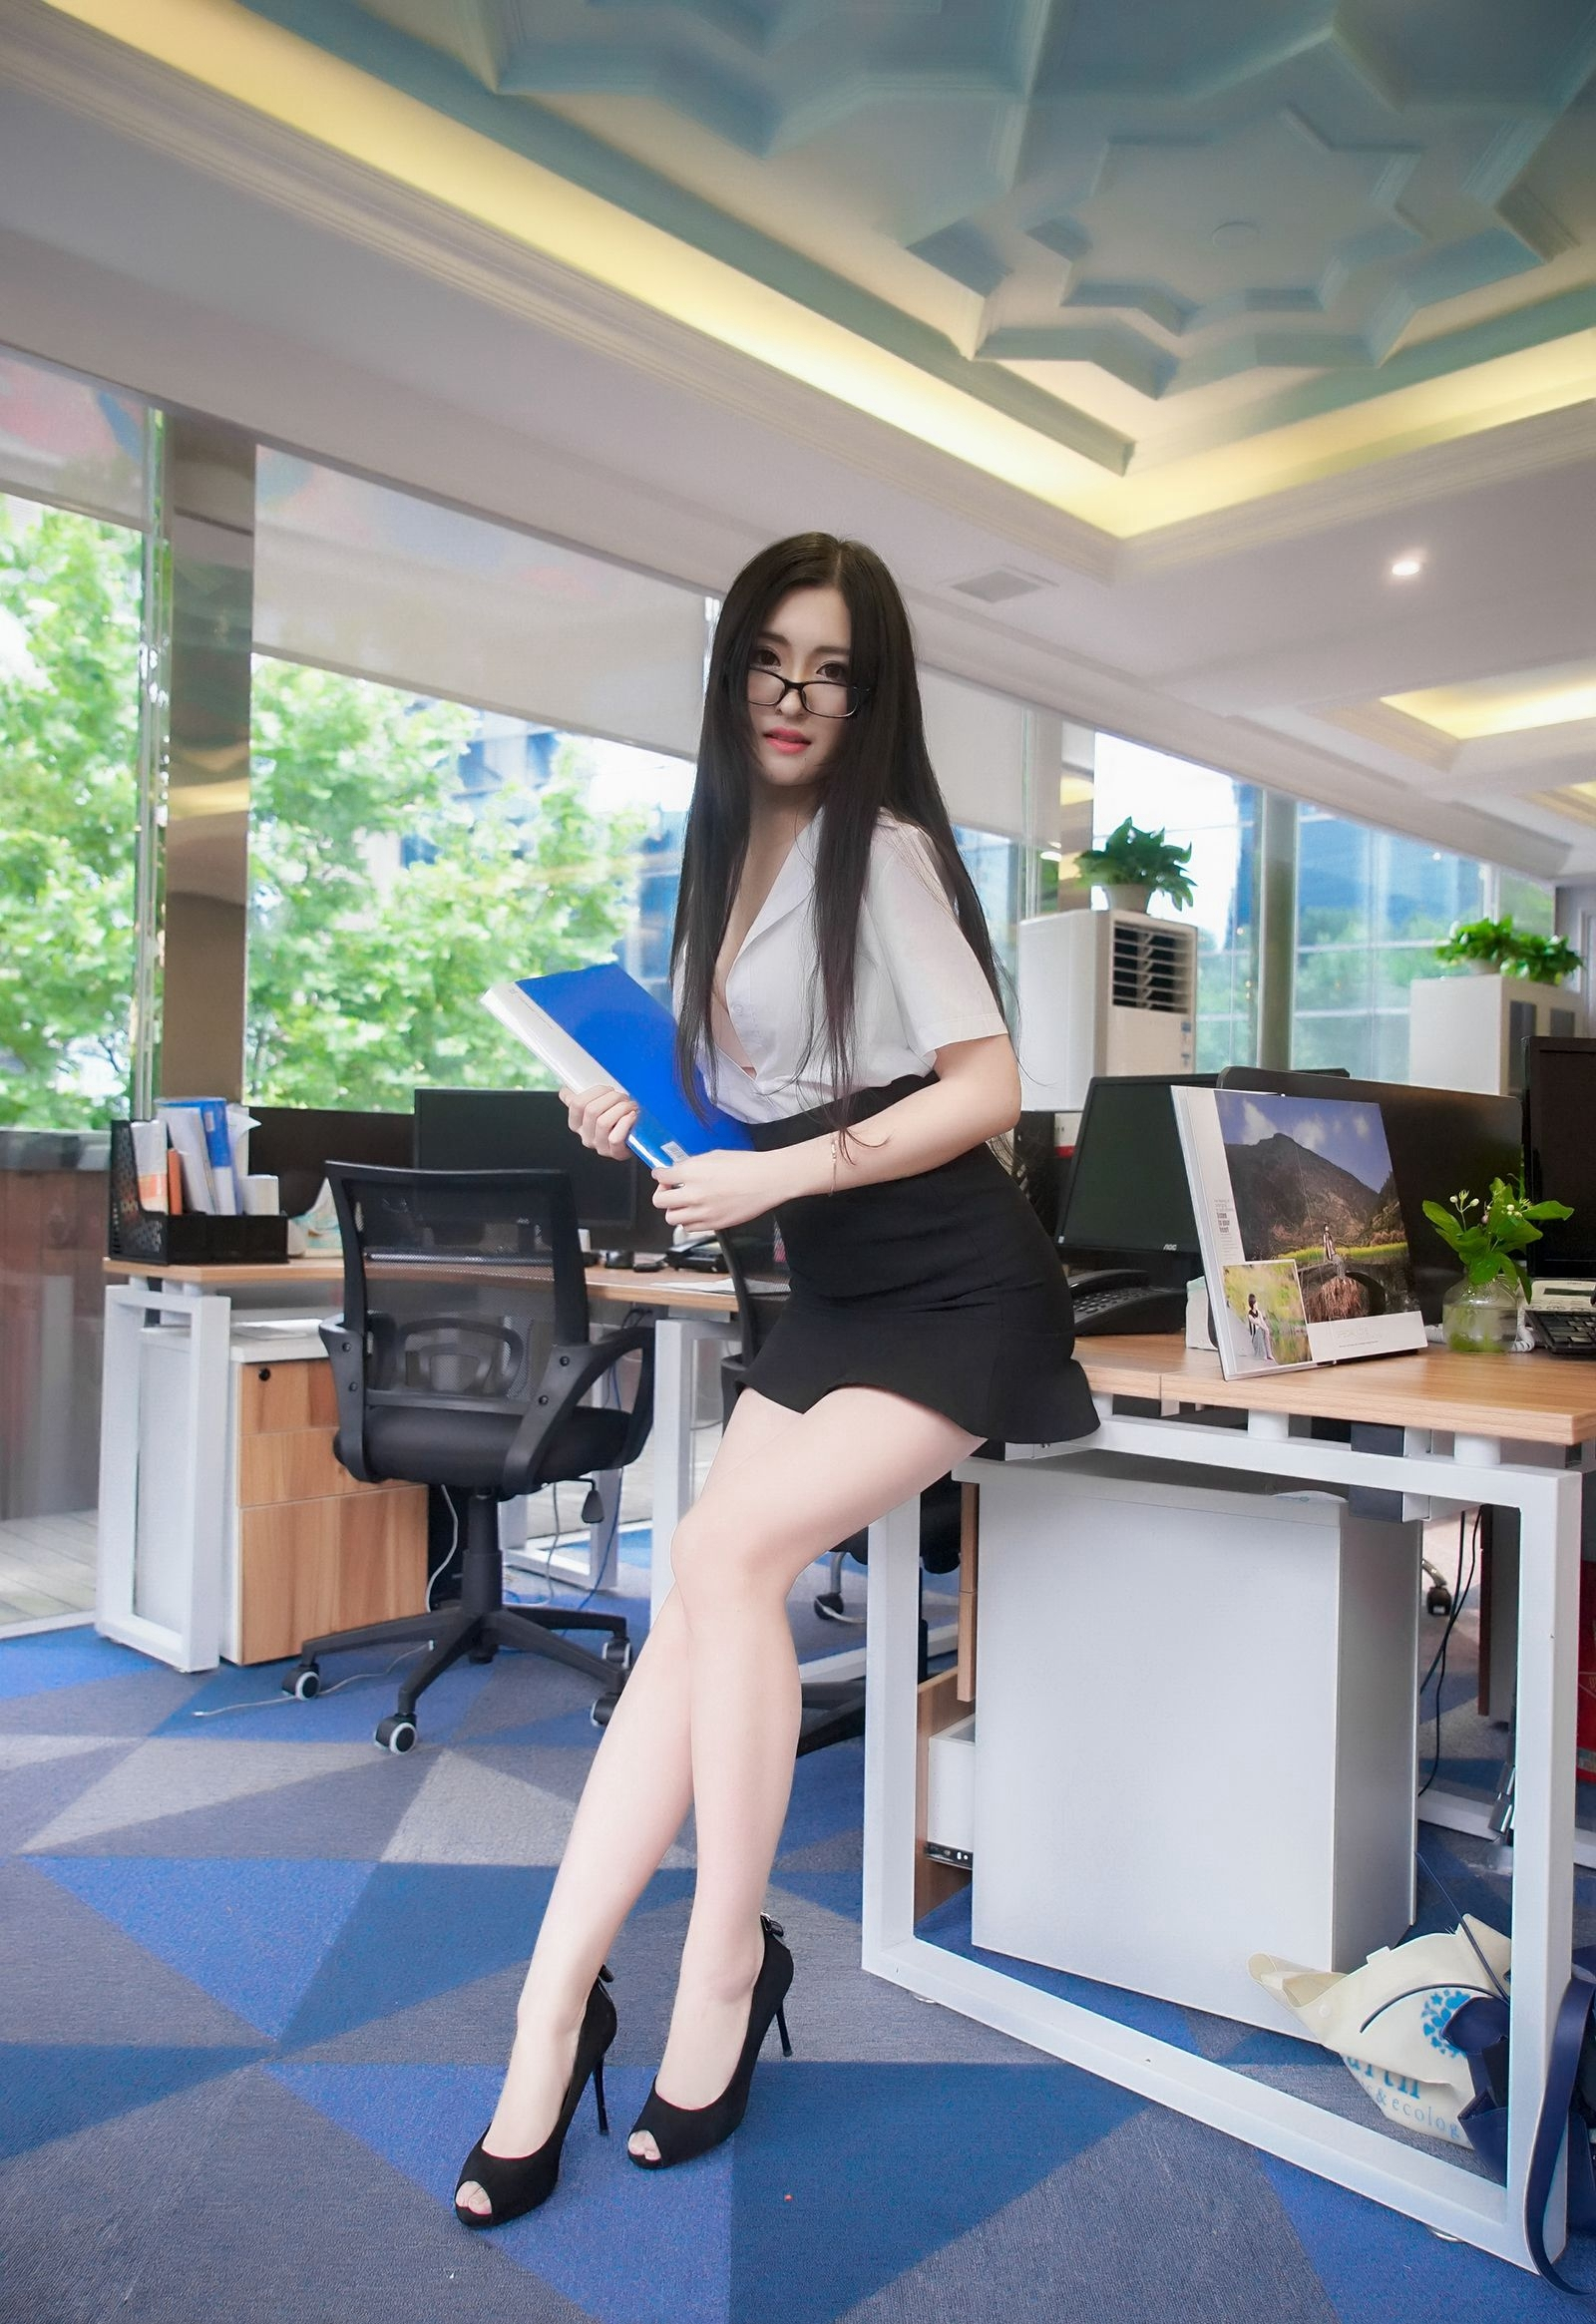 GHKQ-98白富美大小姐细腰白皙光滑诱人艺术照